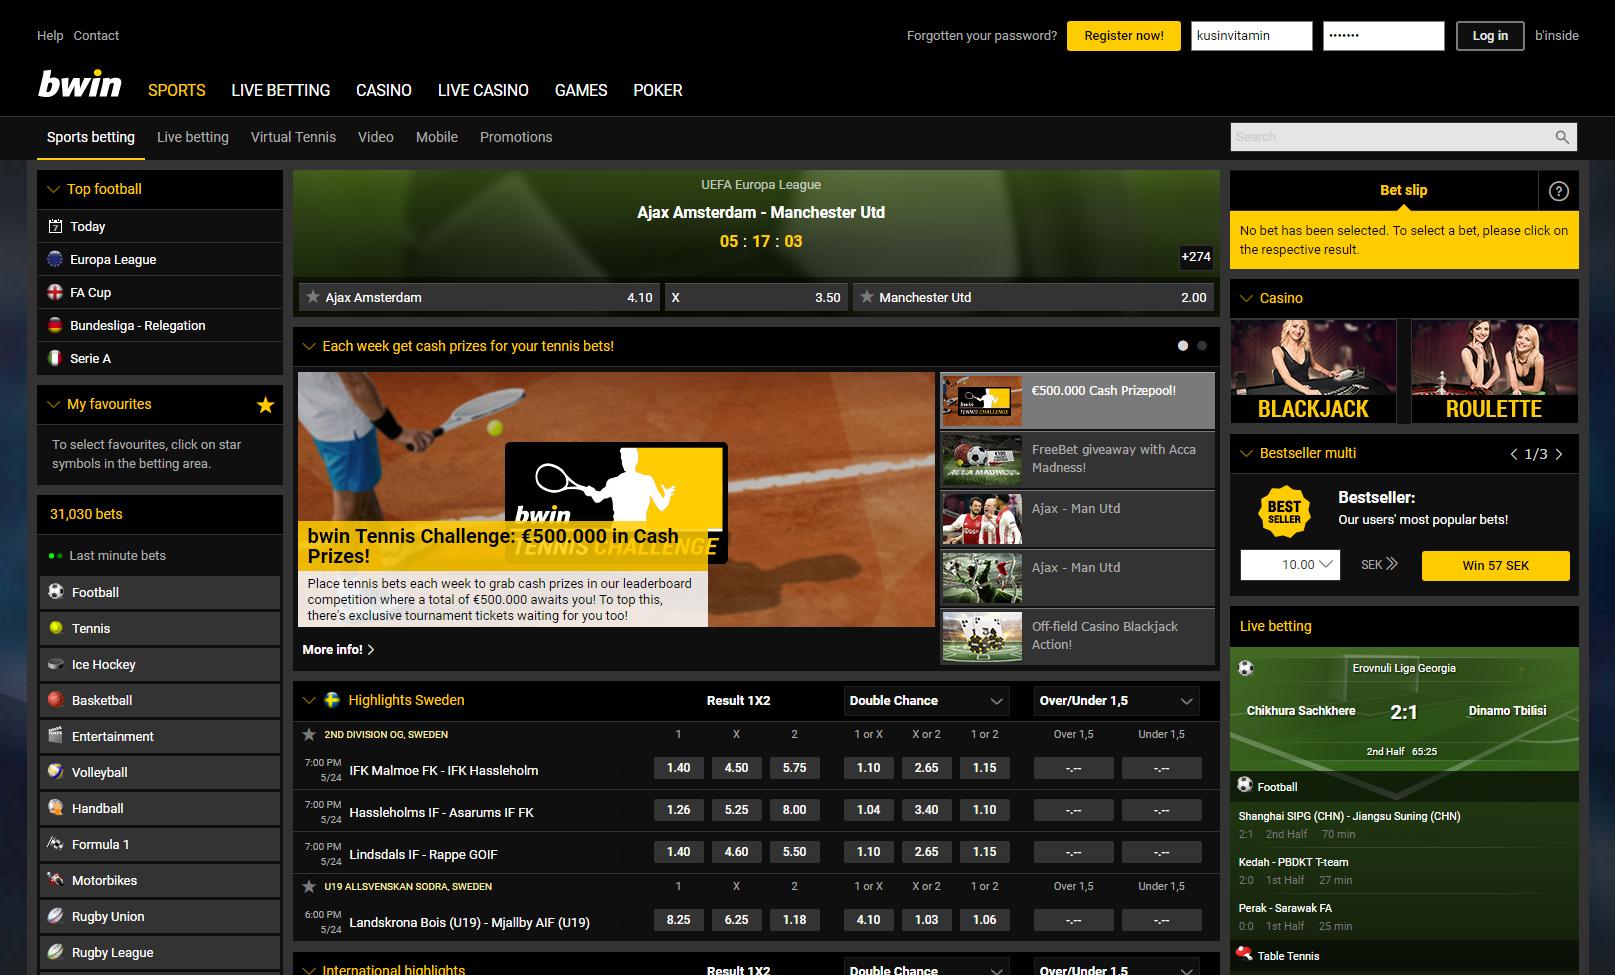 sito di incontri Omaha gratis quale sito di incontri ha i migliori risultati